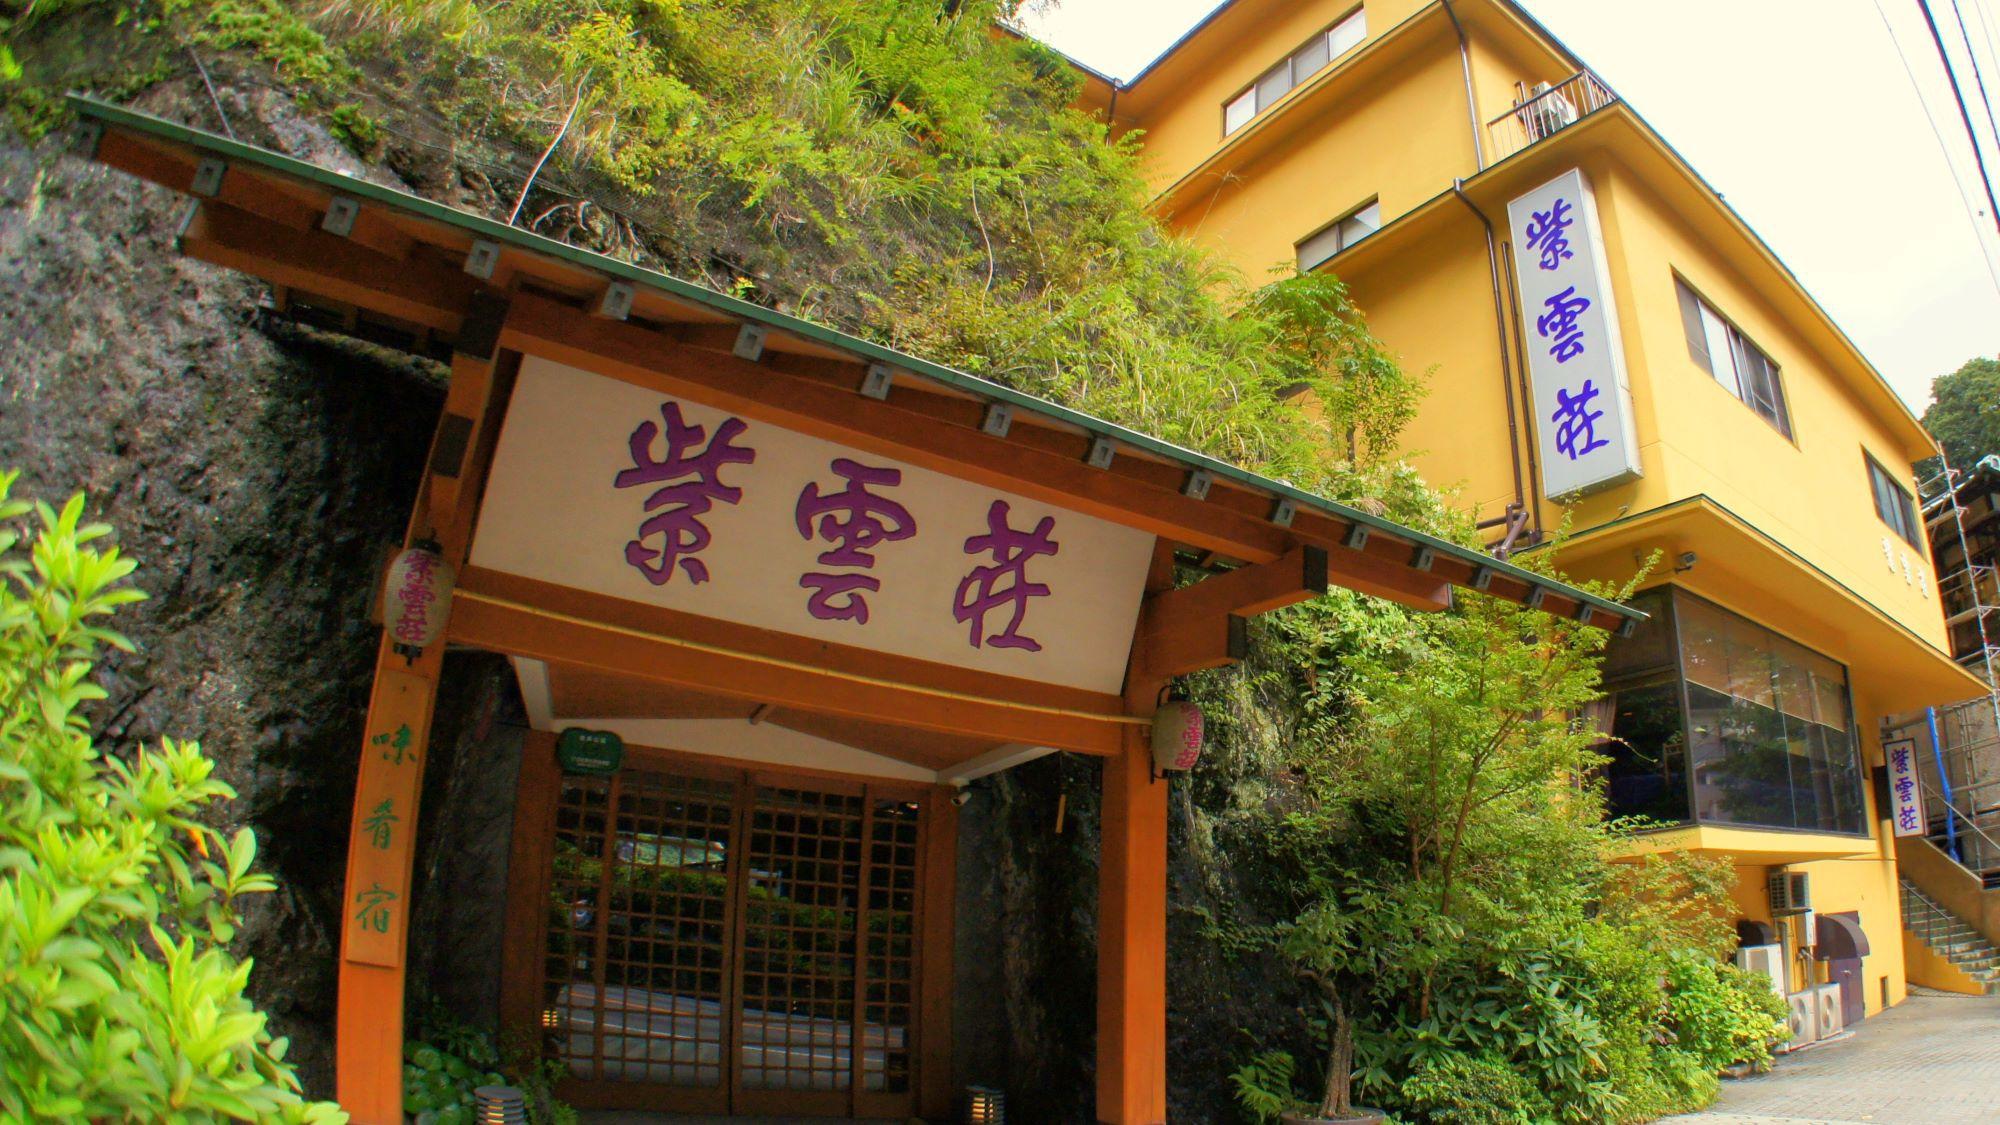 箱根温泉でこだわりお料理が自慢の高級旅館を教えて下さい。